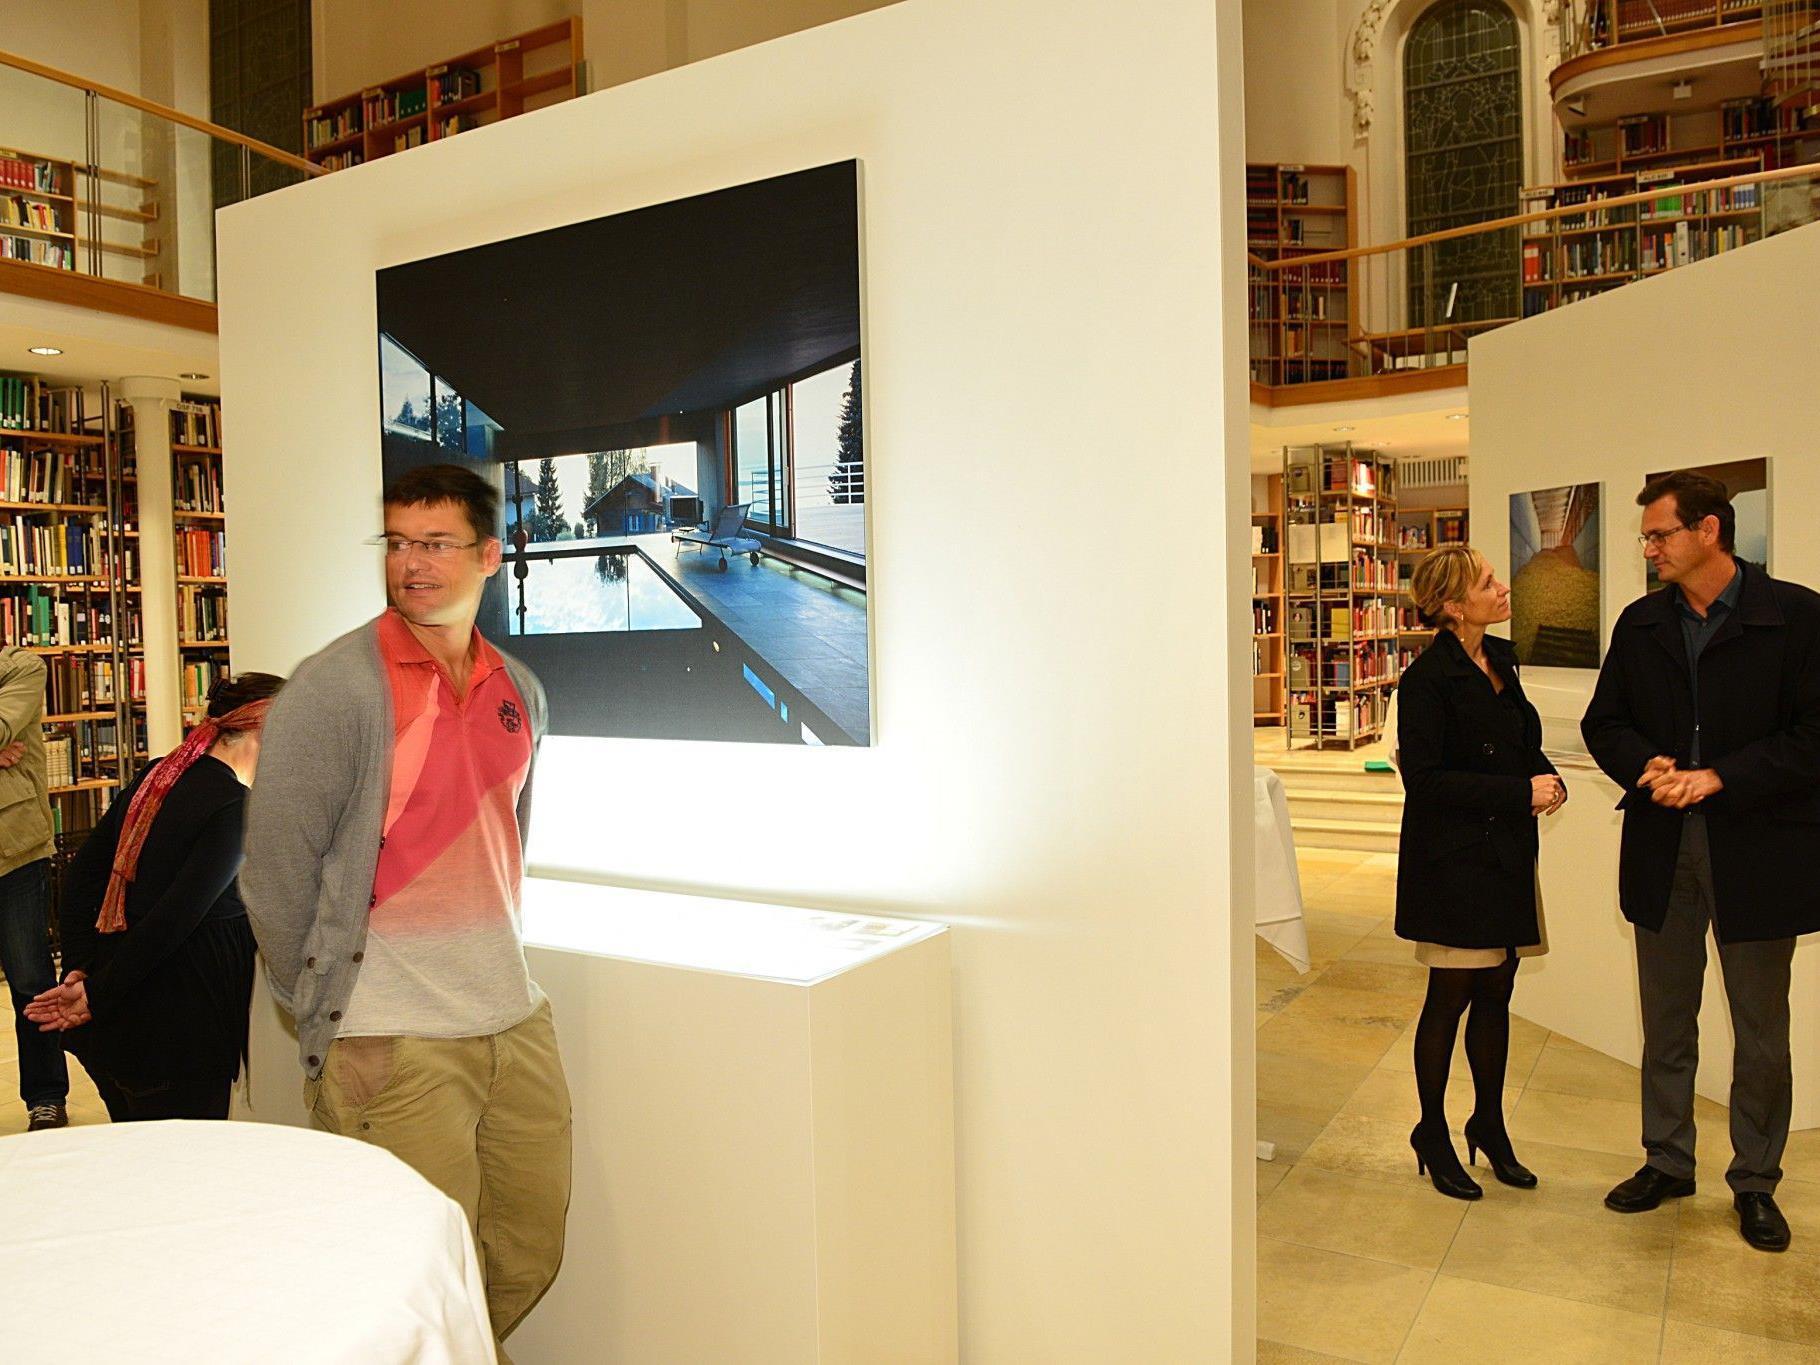 In der Landesbibliothek wurde die jüngste Erwerbung, das Fotoarchiv Ignacio Martinez, präsentiert